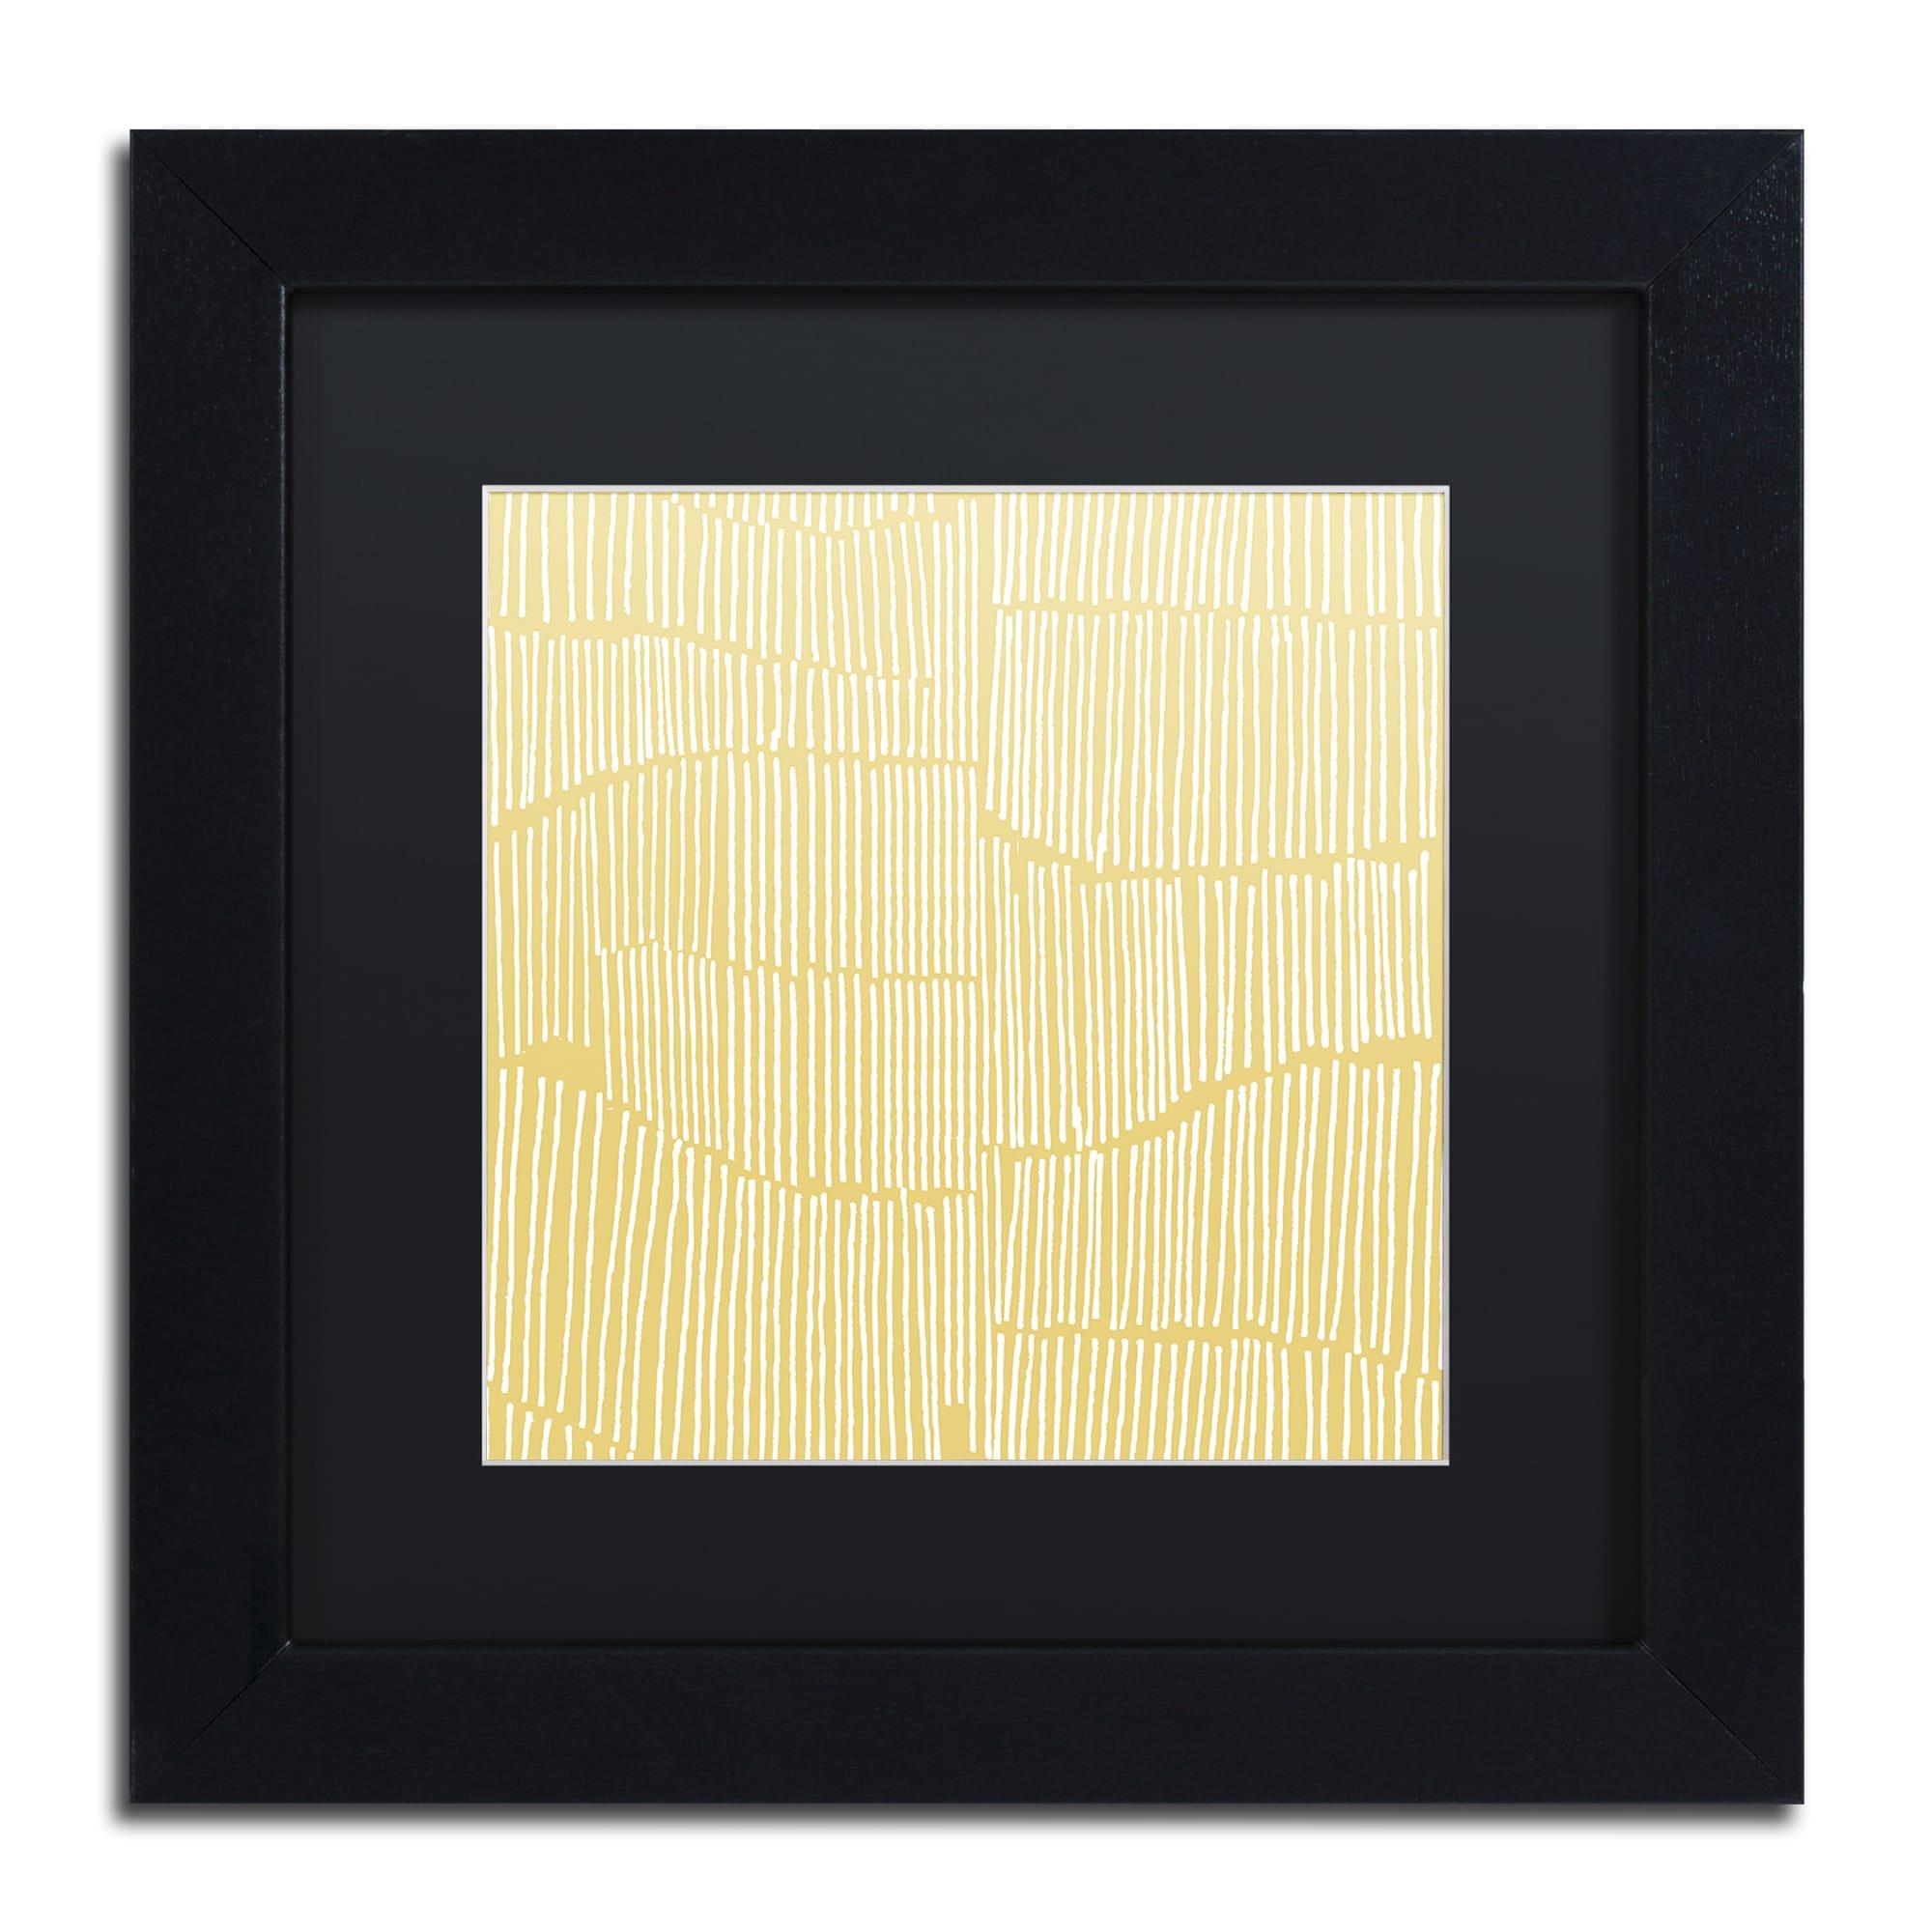 Kavan & Co \'Spaces Between II\' Black Matte, Black Framed Wall Art ...